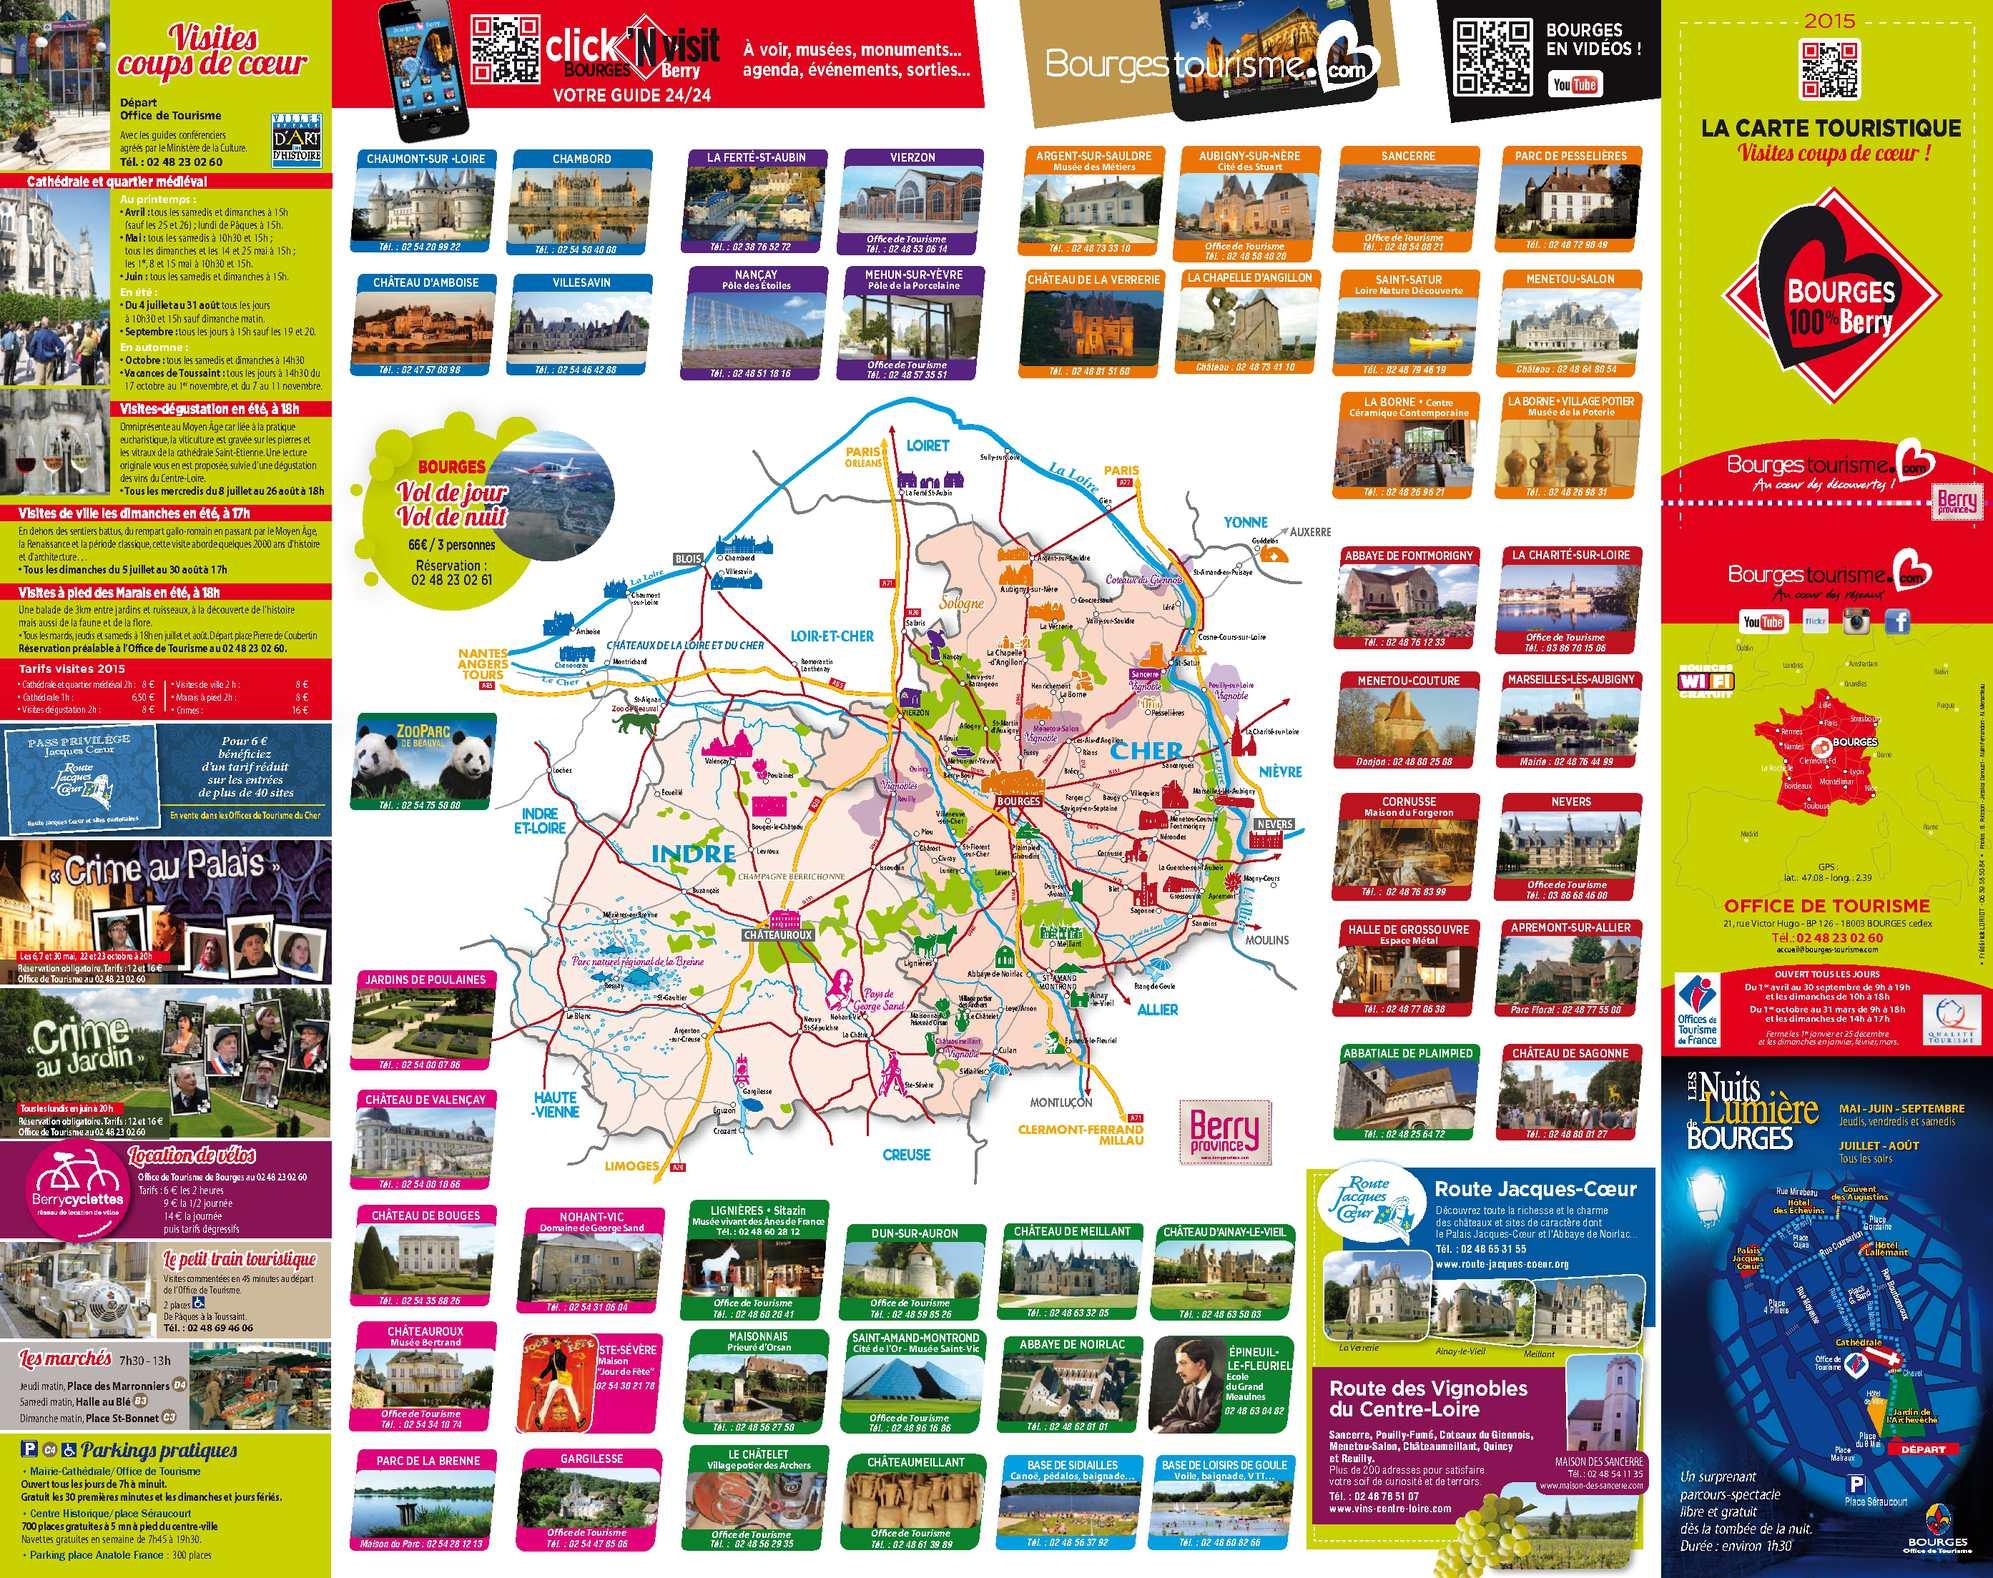 Calamo Carte Touristique Bourges 2015